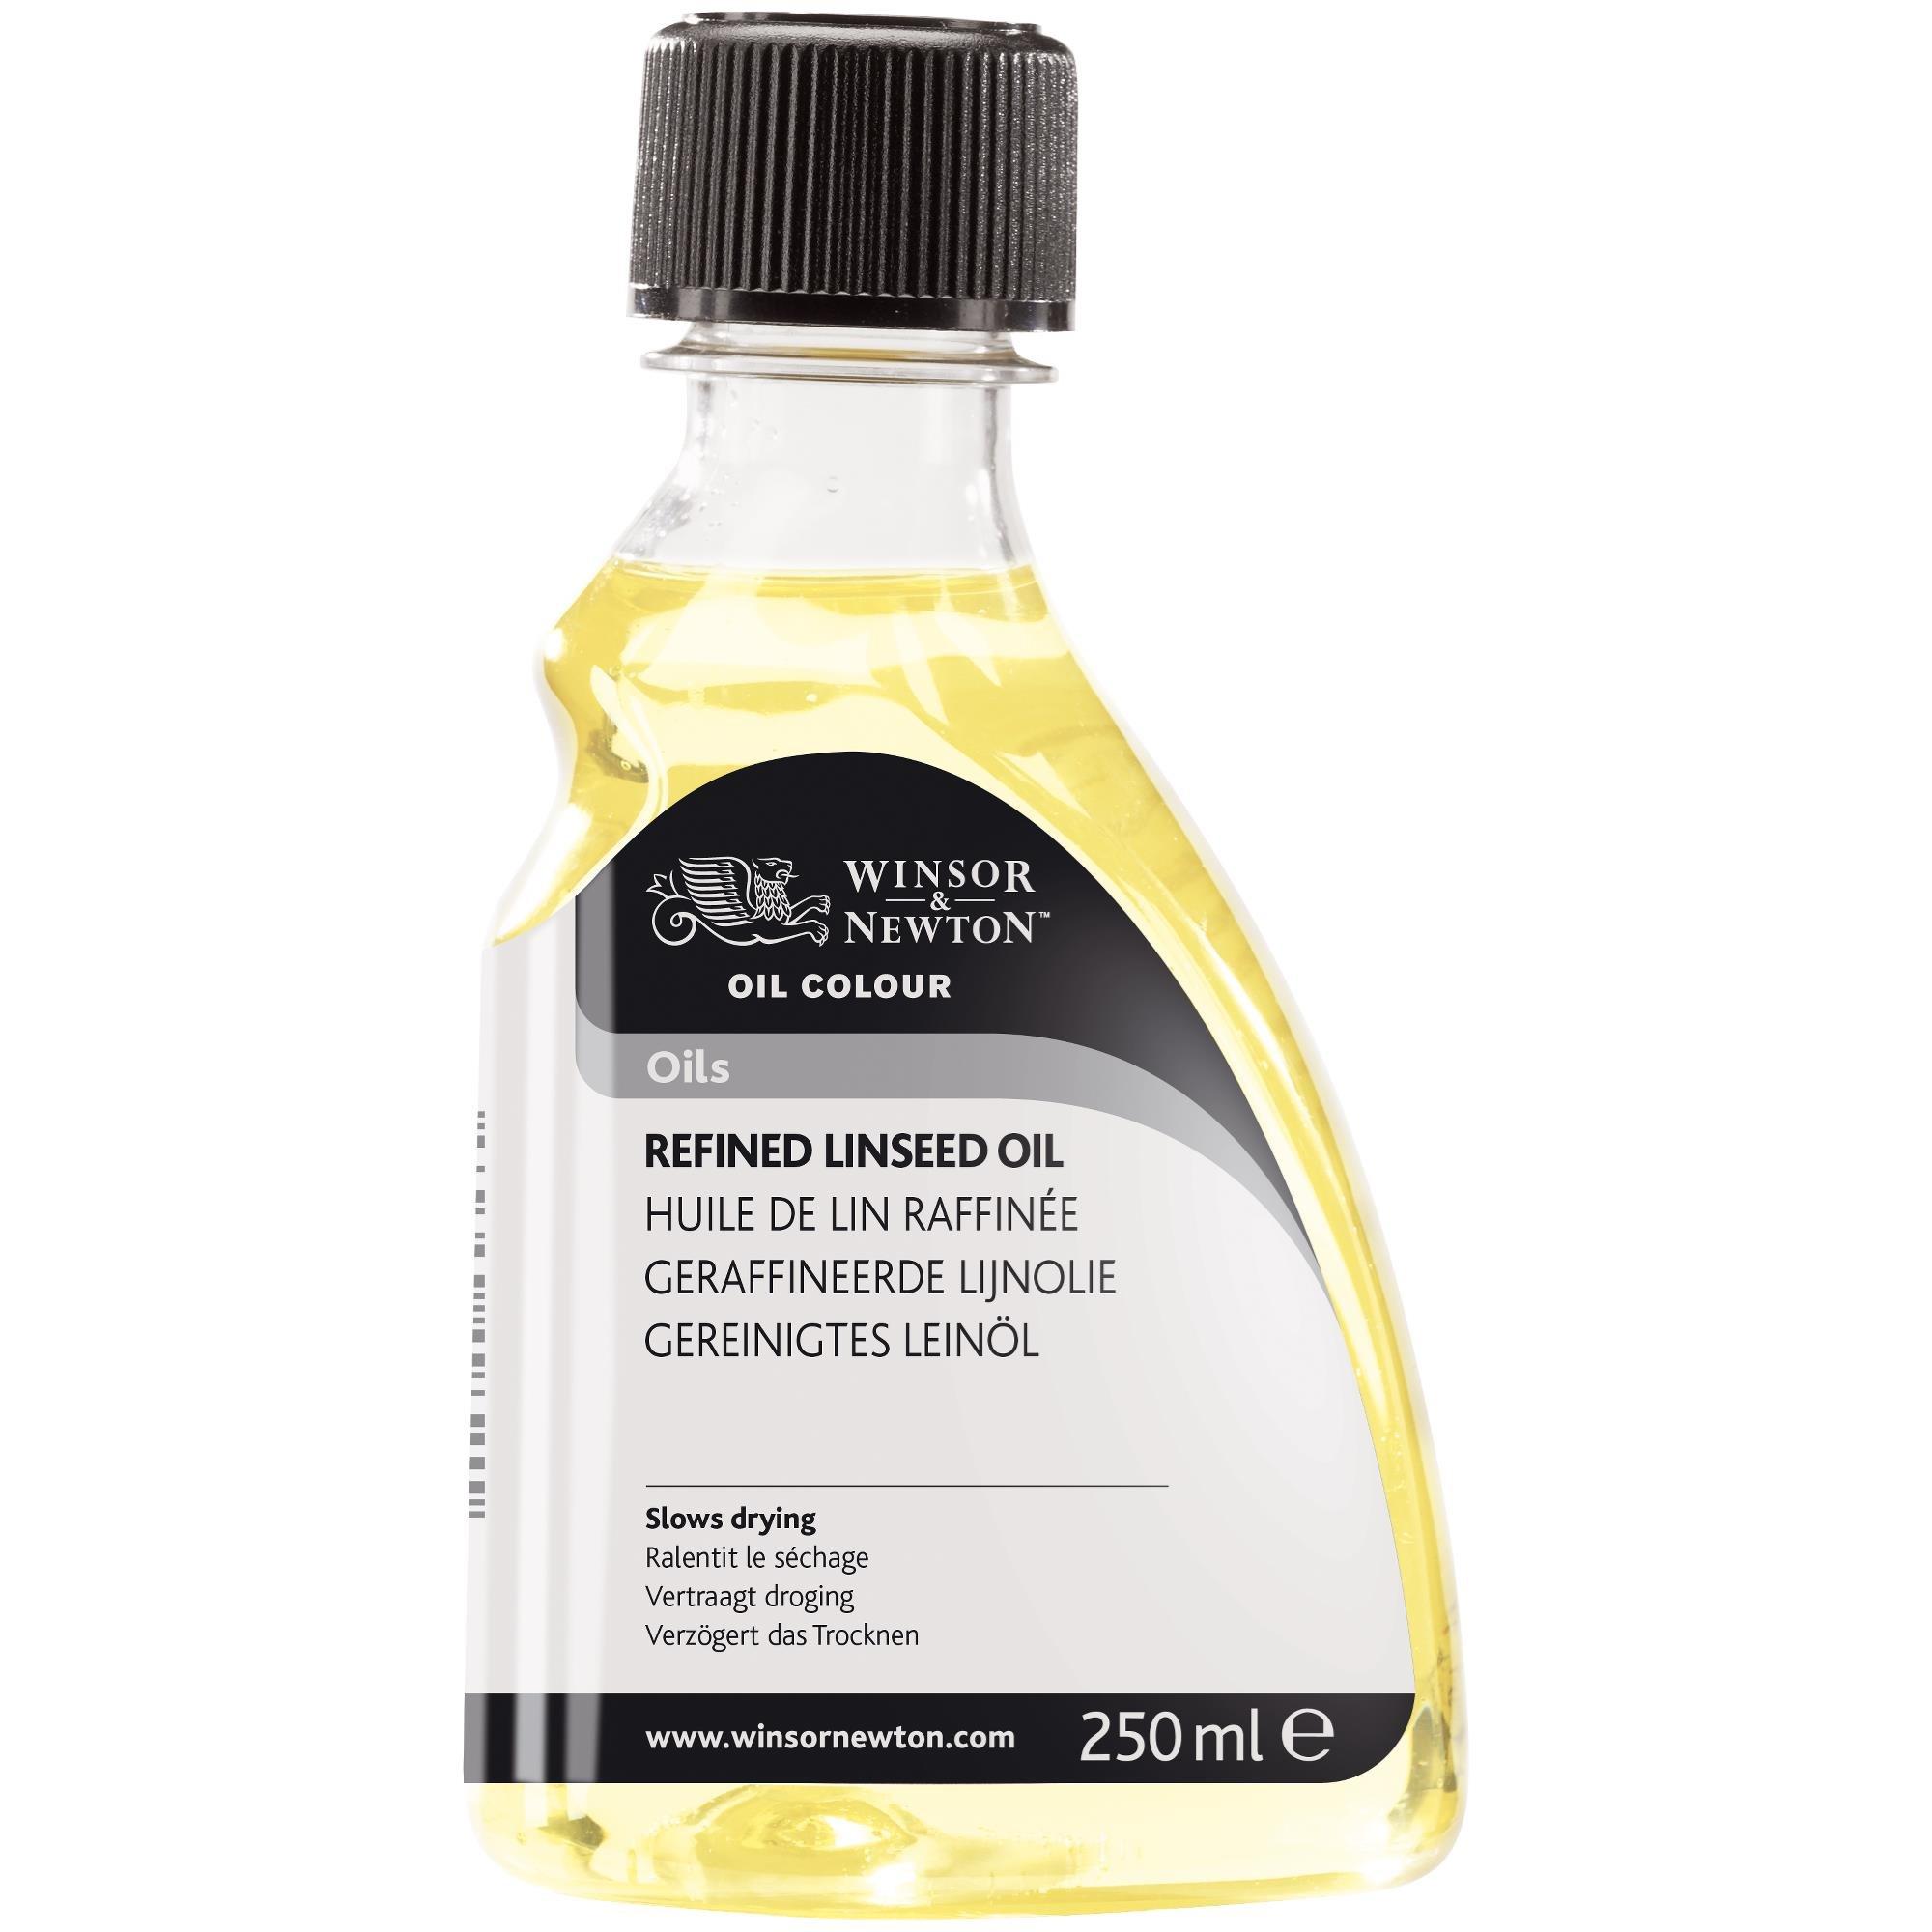 Winsor & Newton Refined Linseed Oil 250ml by Winsor & Newton